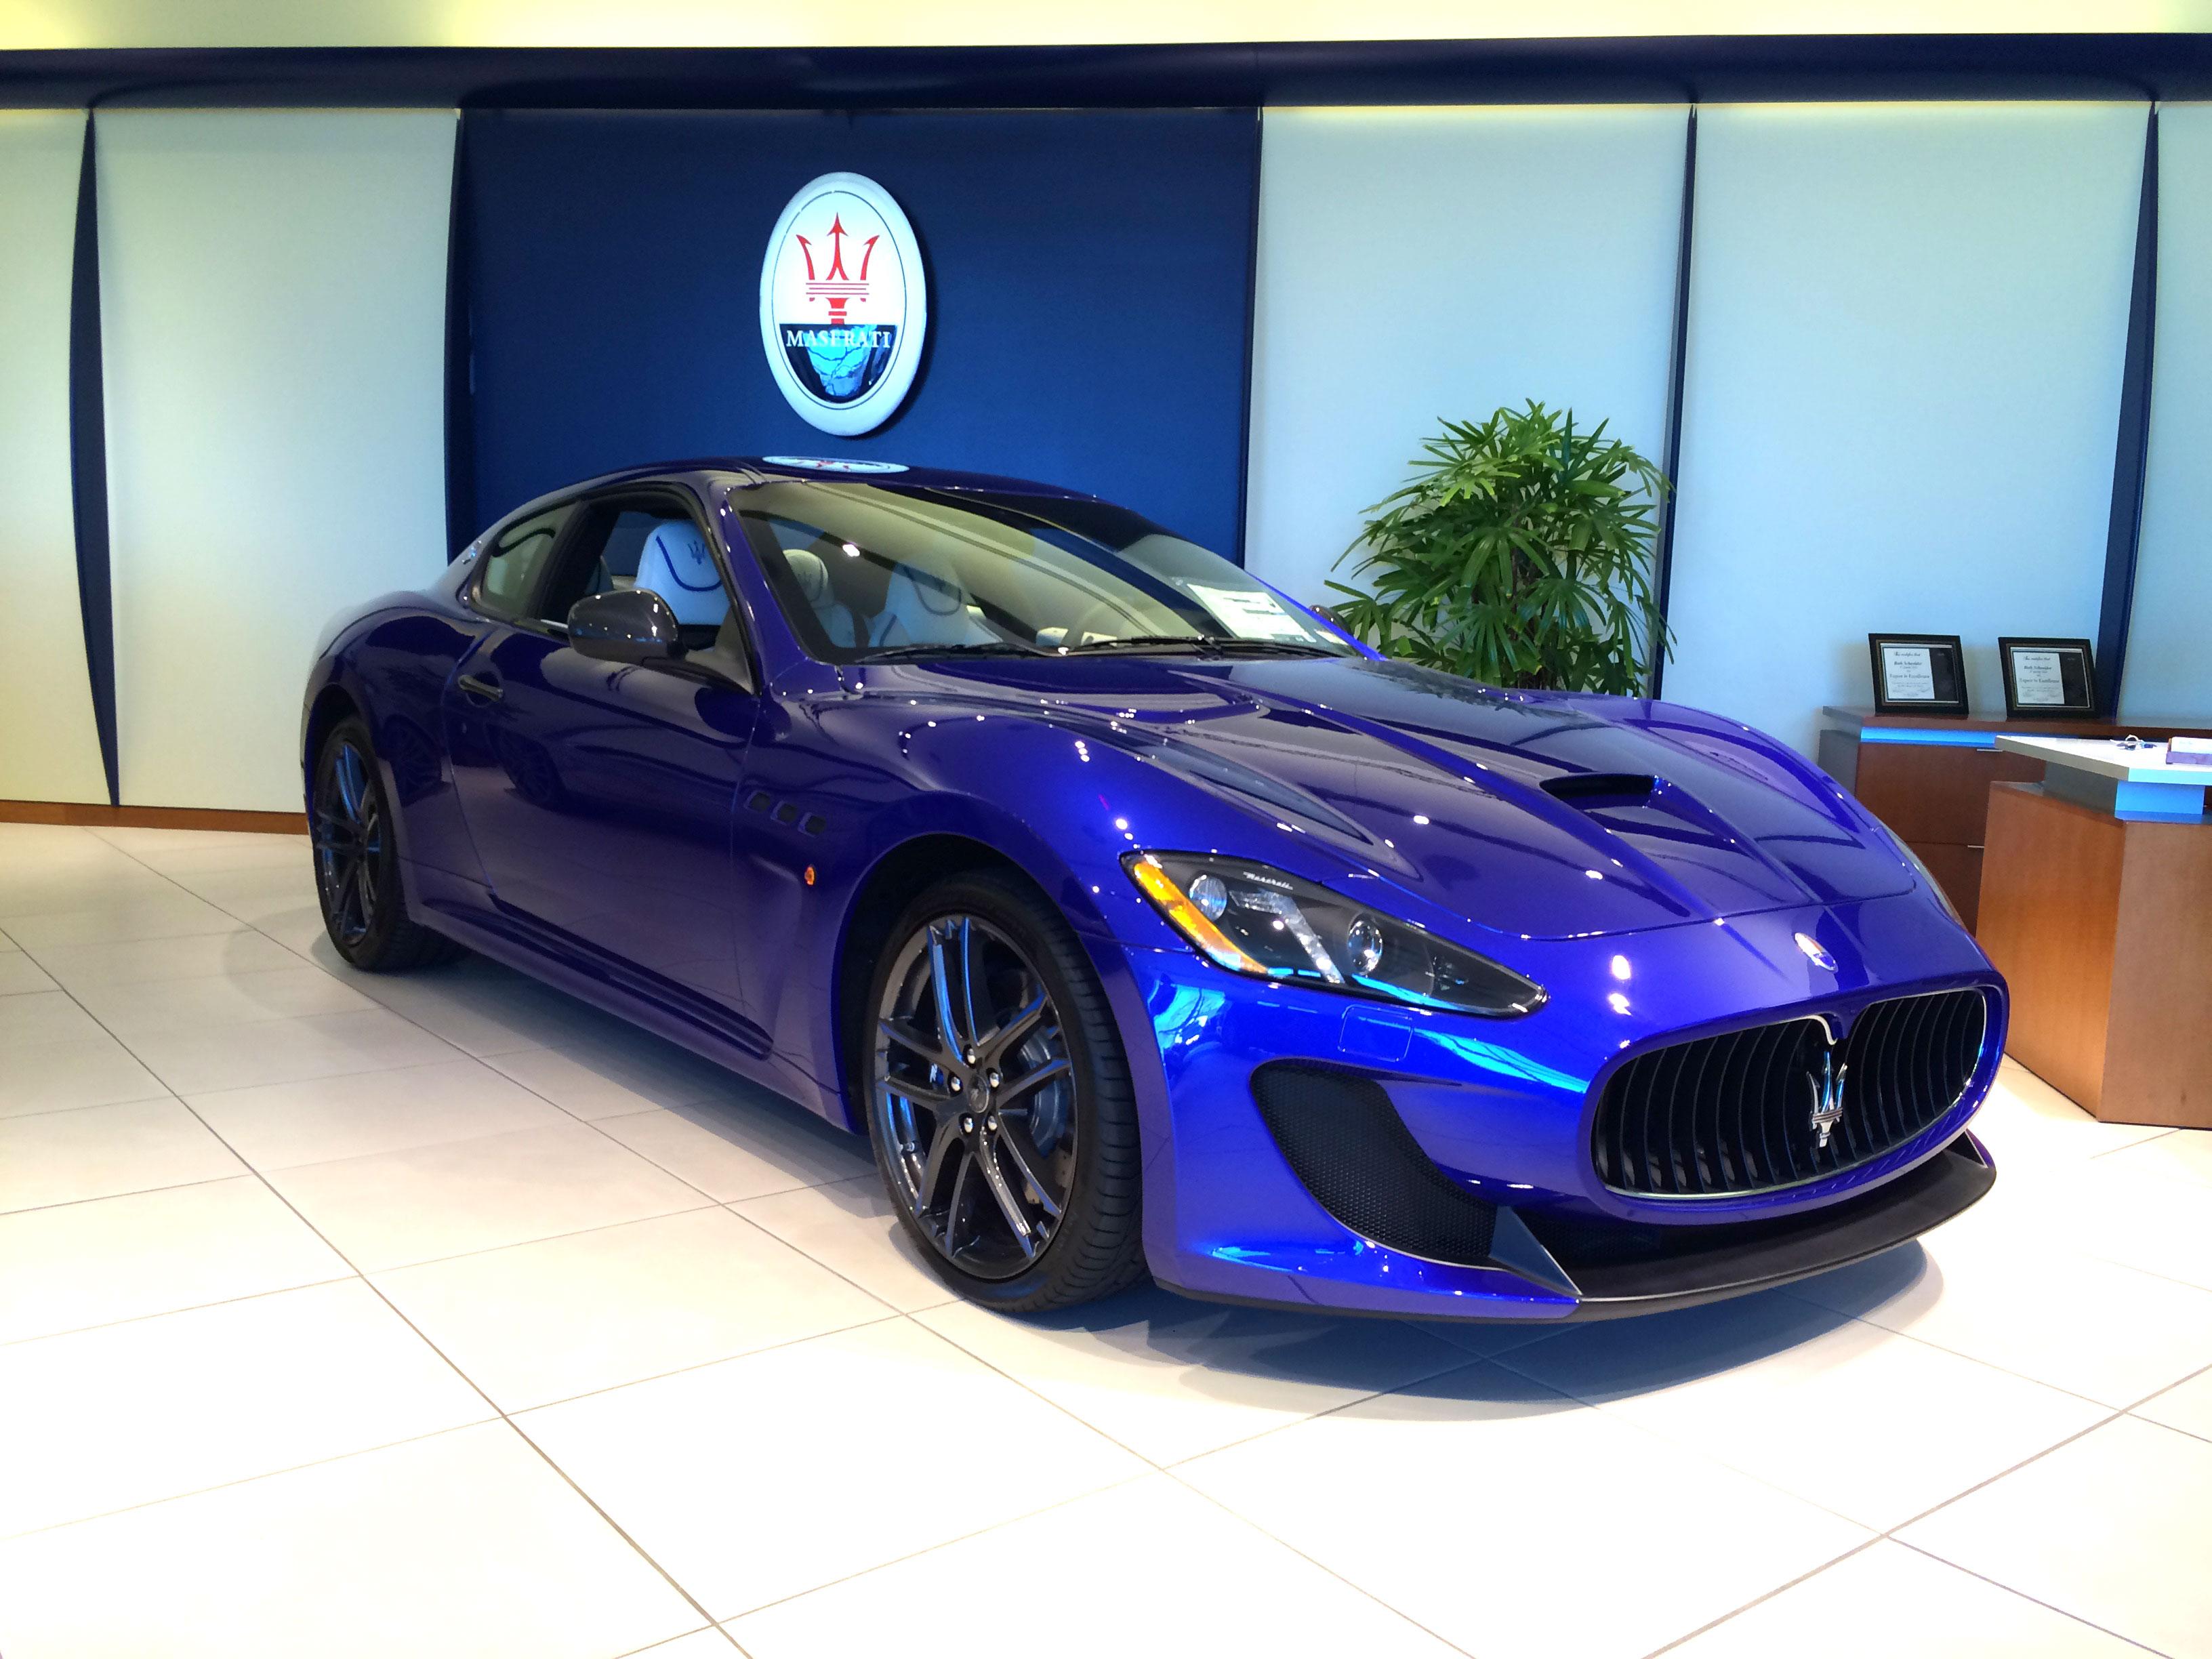 2017 Maserati Granturismo Mc Centennial Edition